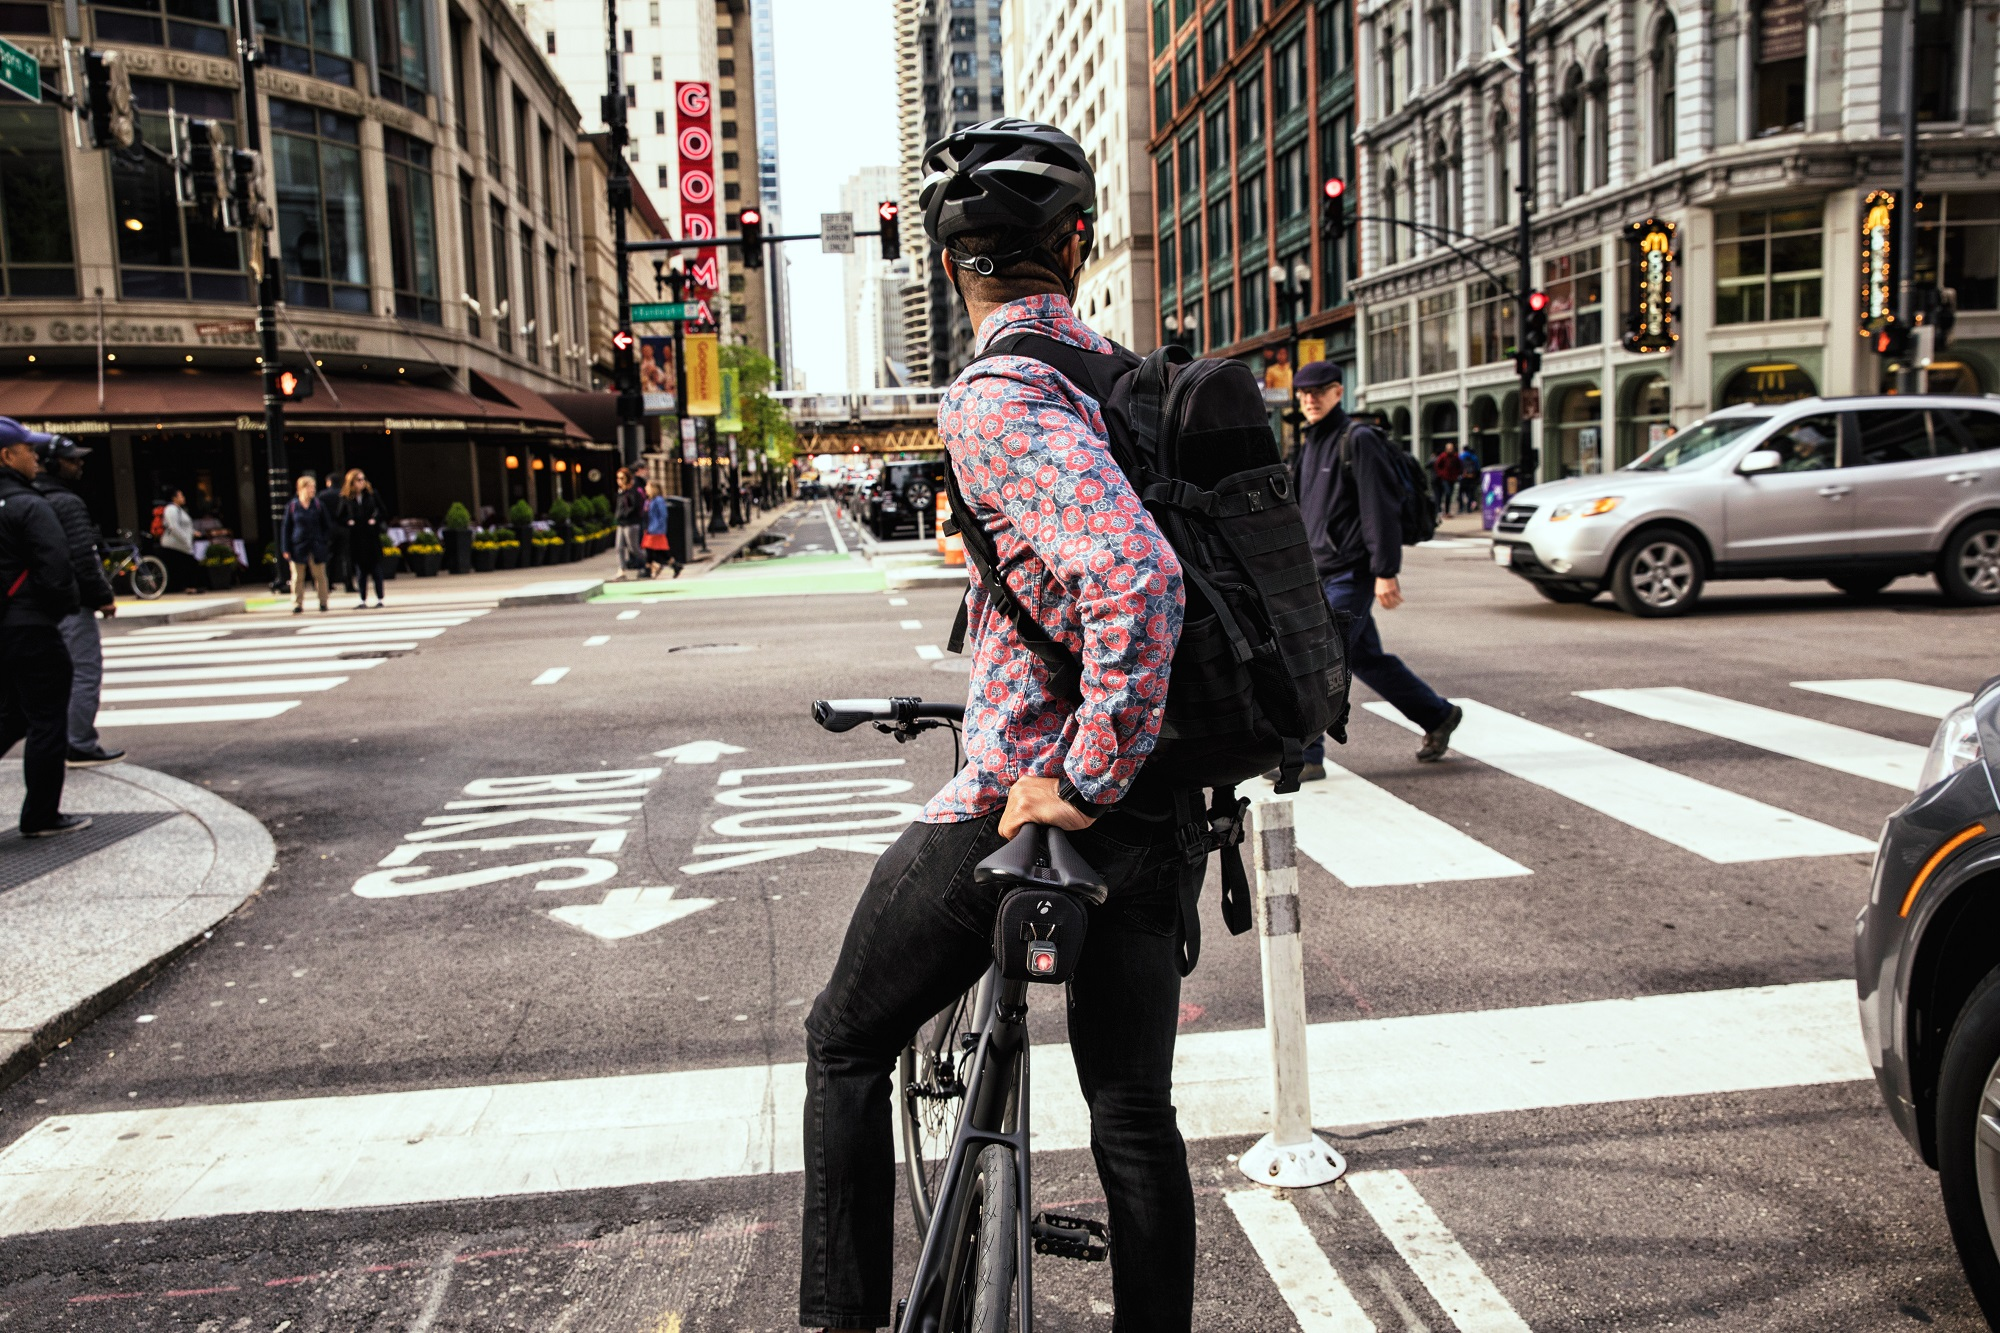 クロスバイクで快適な自転車通学をはじめよう!5,000円お得な『学割キャンペーン』実施中